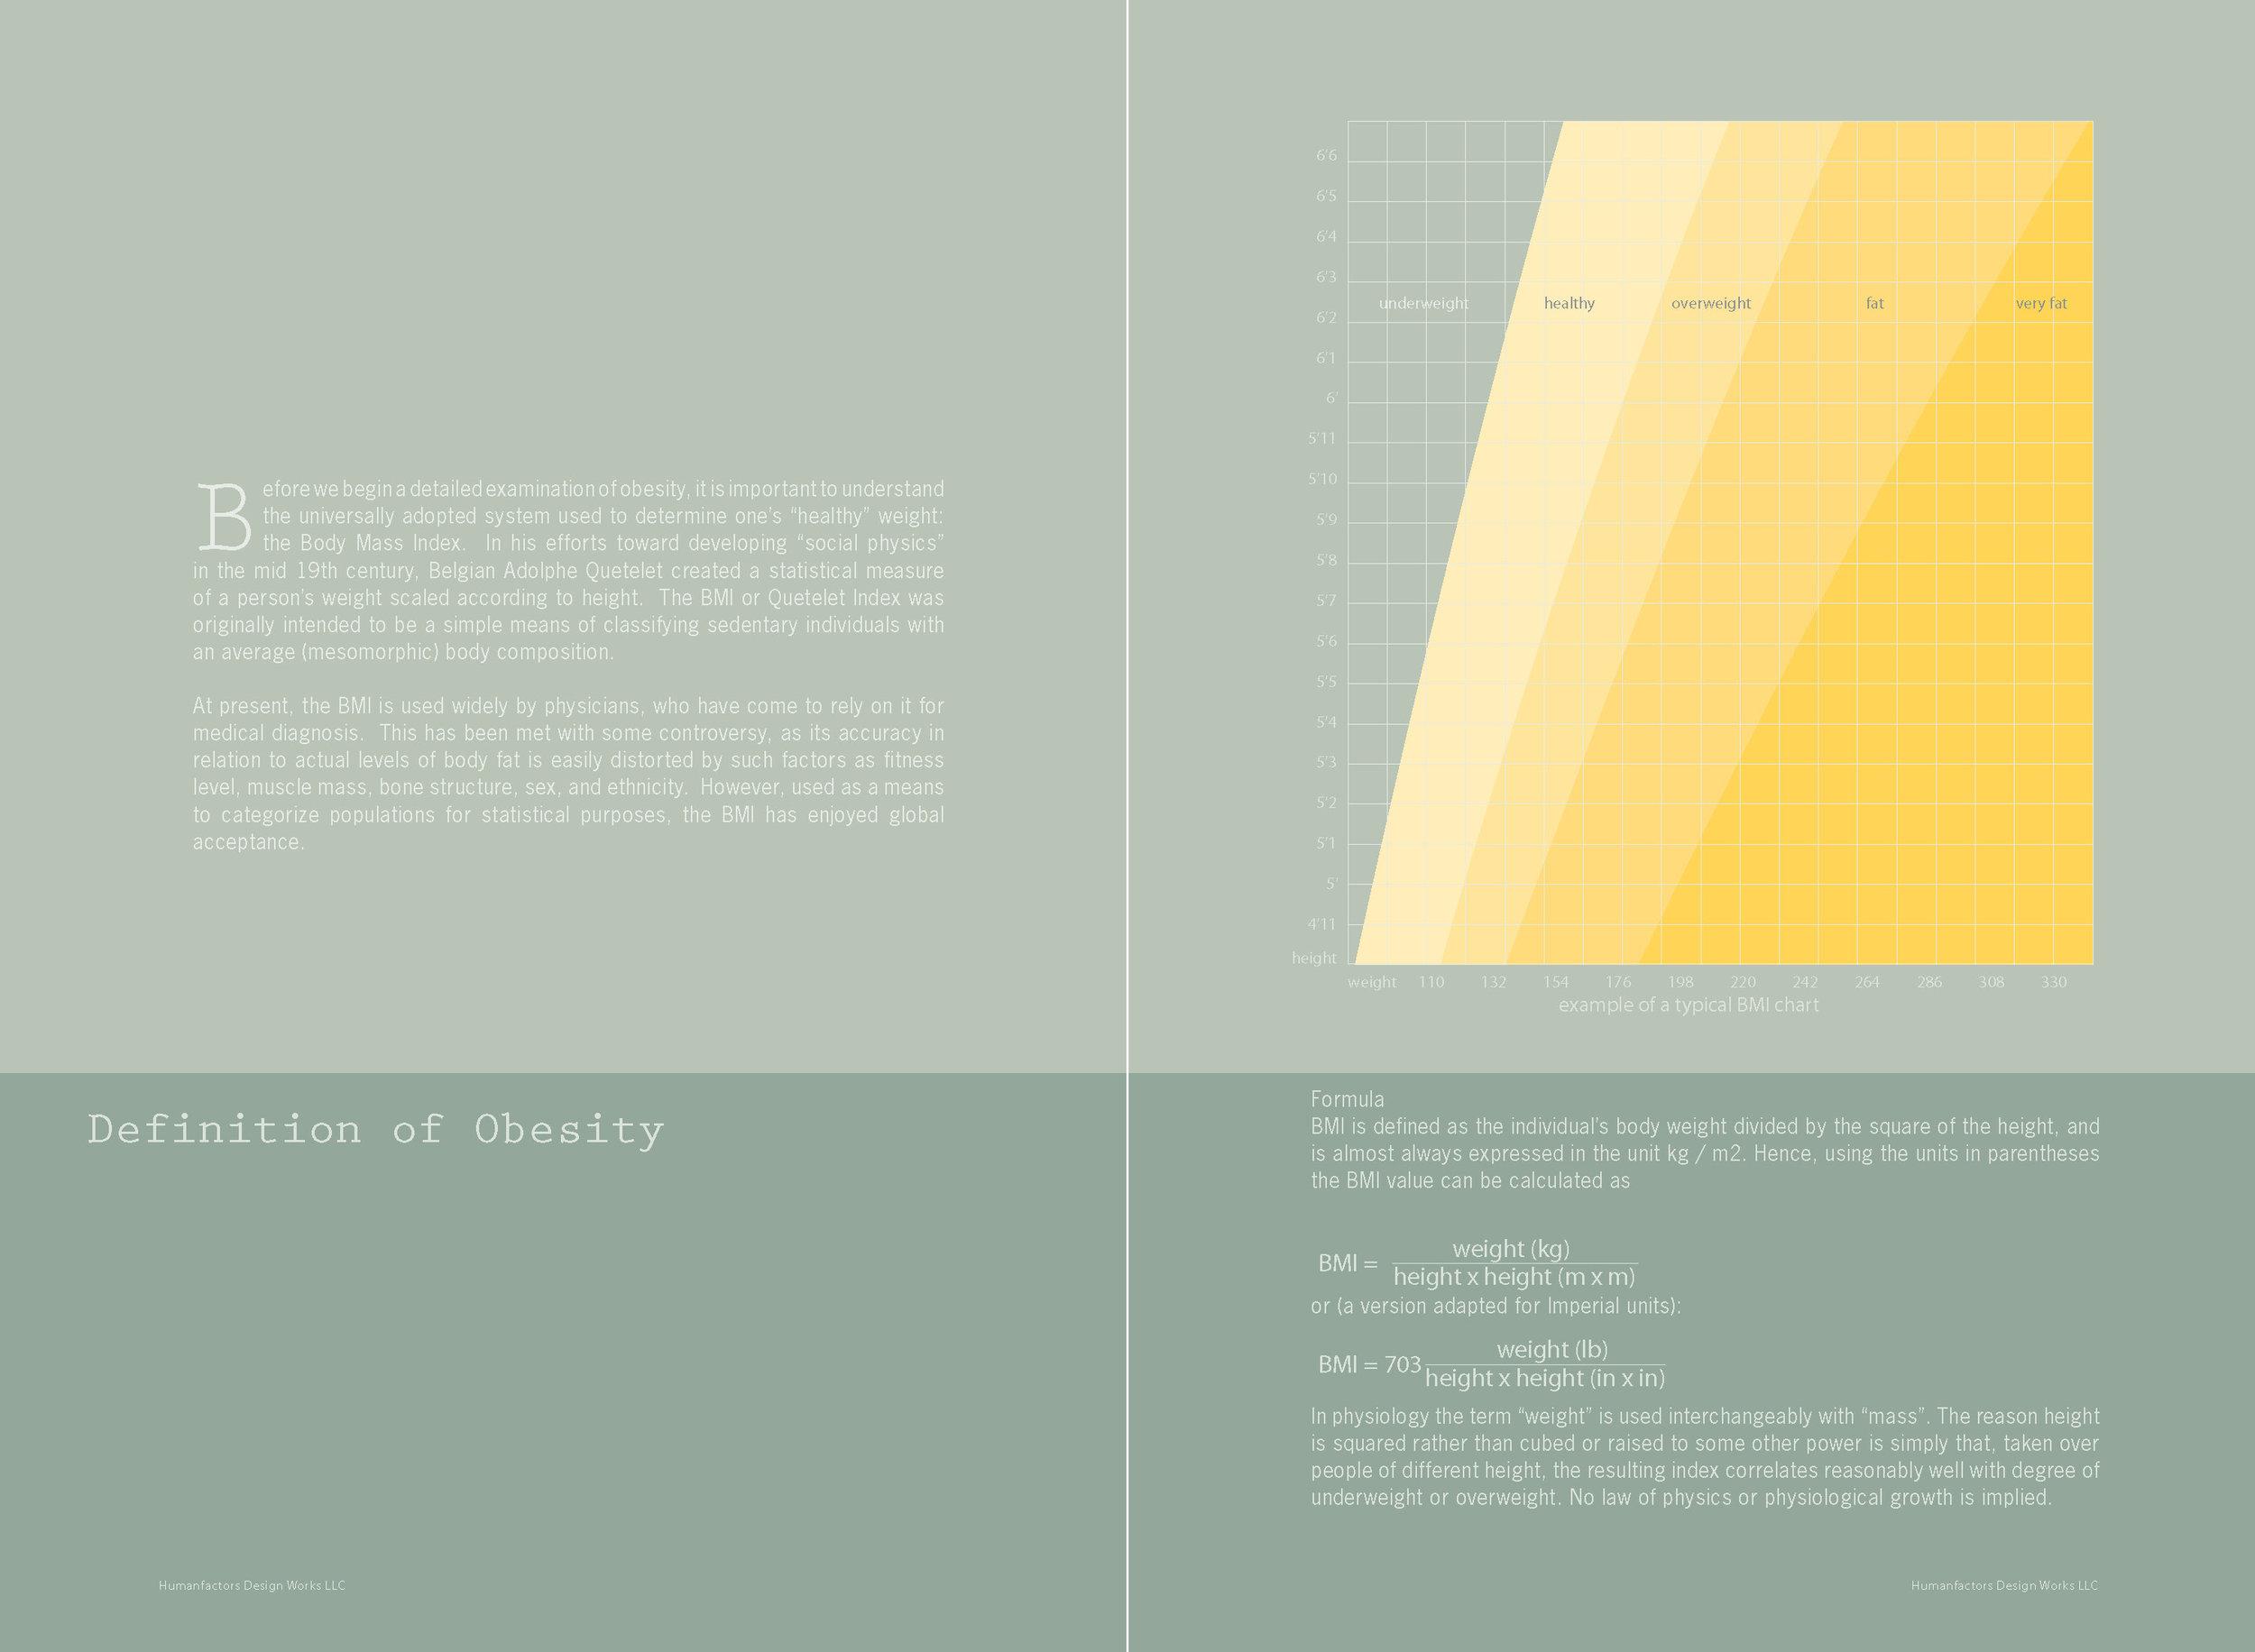 stryker_obesity_1.jpg